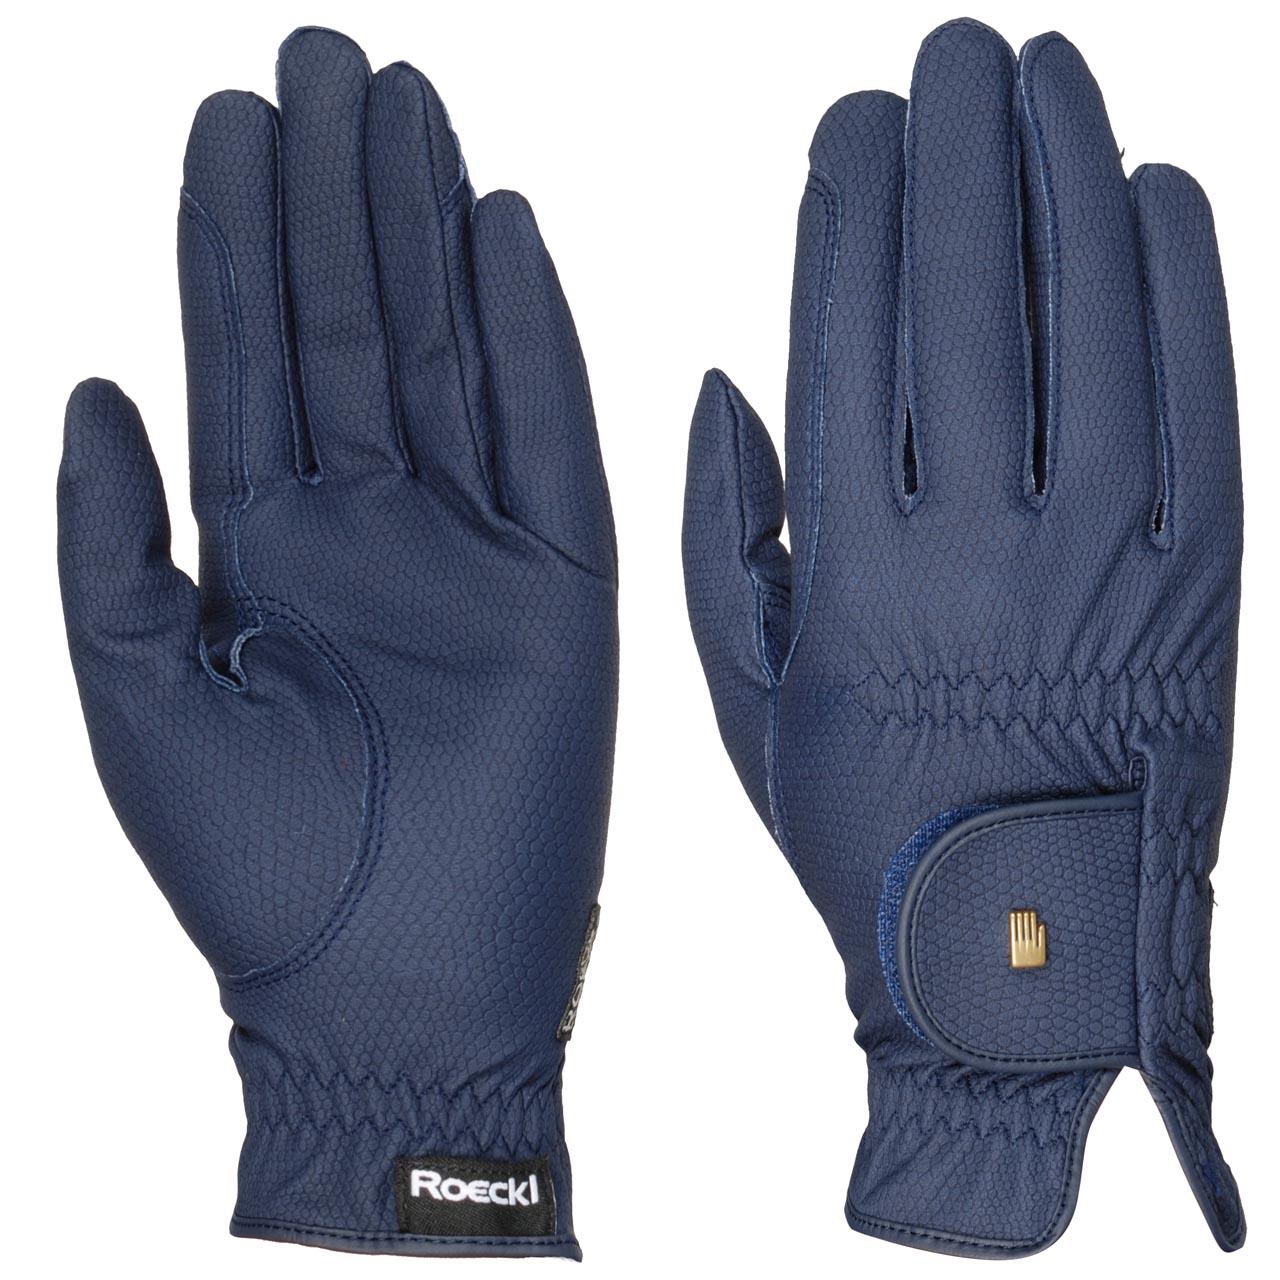 Roeckl Roeck grip Handschoen blauw maat:8